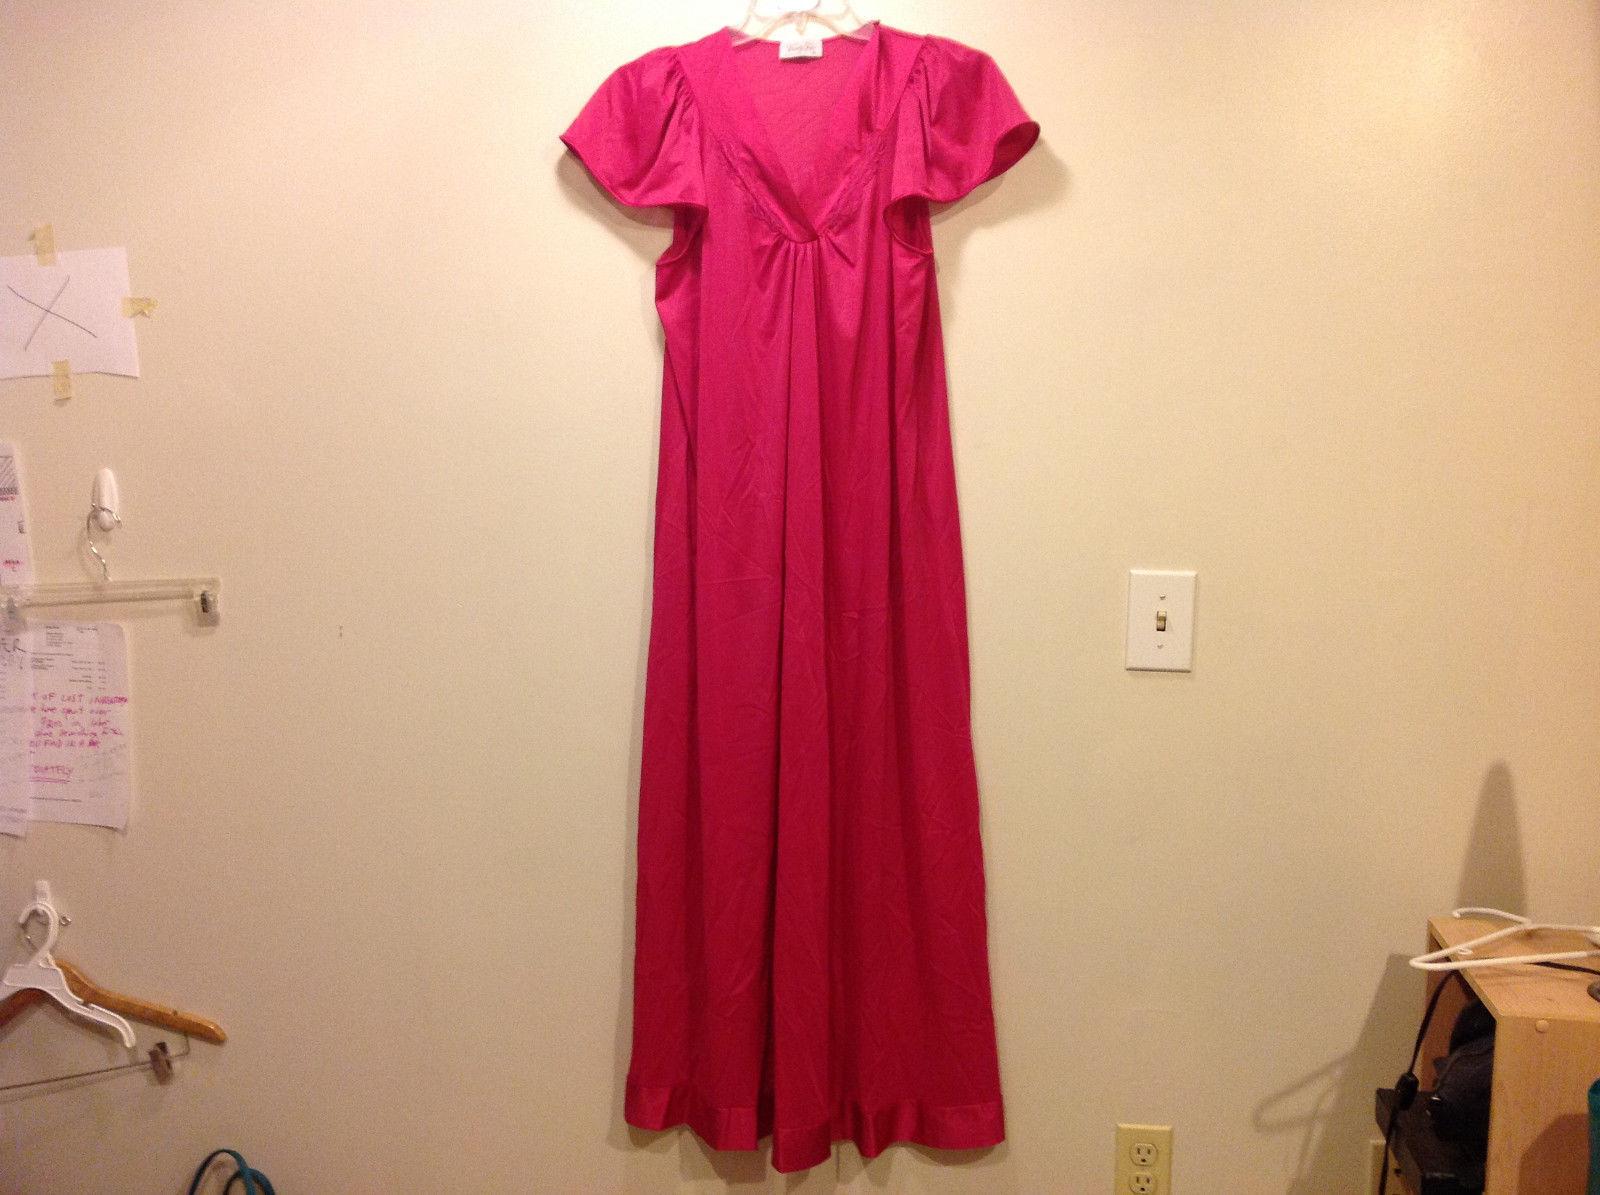 Vanity Fair Meddium v-neck dress